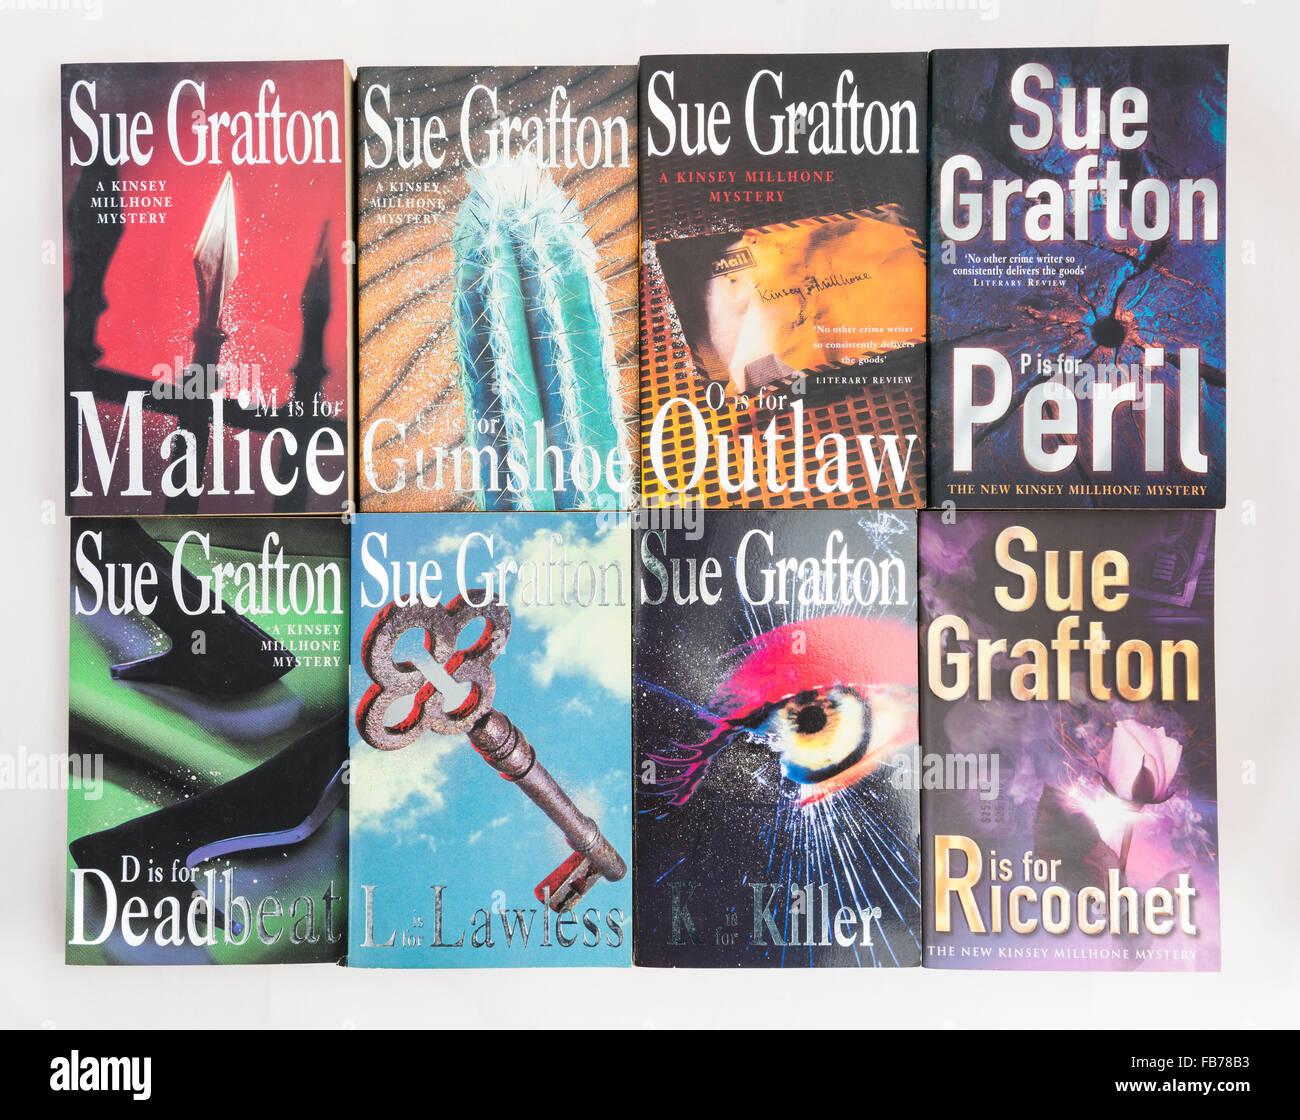 Krimis von Sue Grafton mit Privatdetektiv Kinsey Millhone. Stockbild